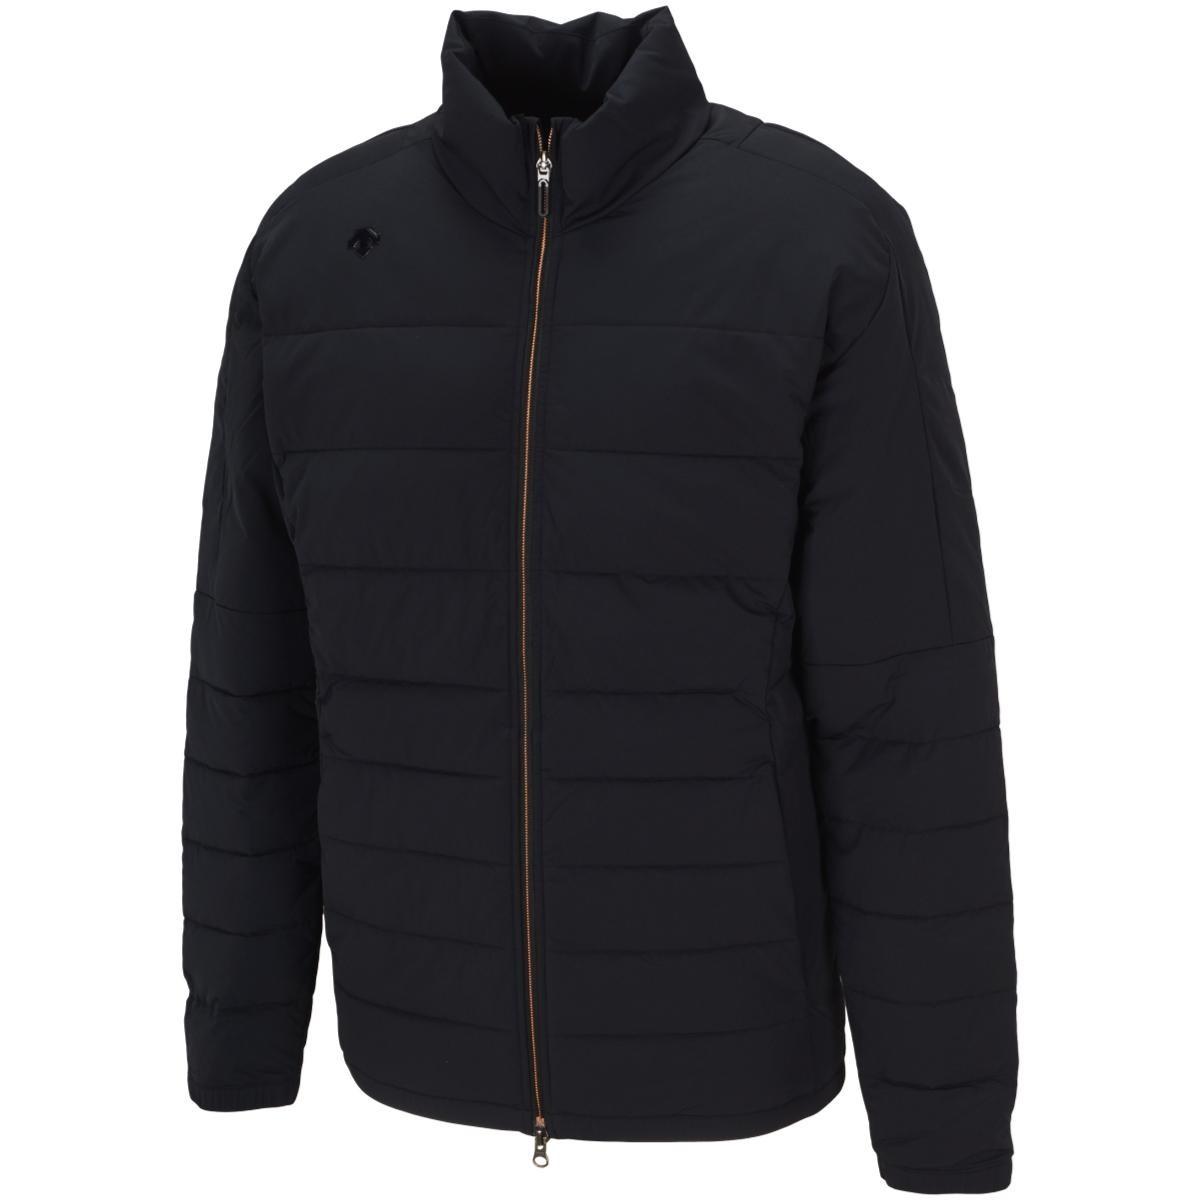 デサントゴルフ(DESCENTE GOLF) ナイロンストレッチラミネートECO中綿ジャケット